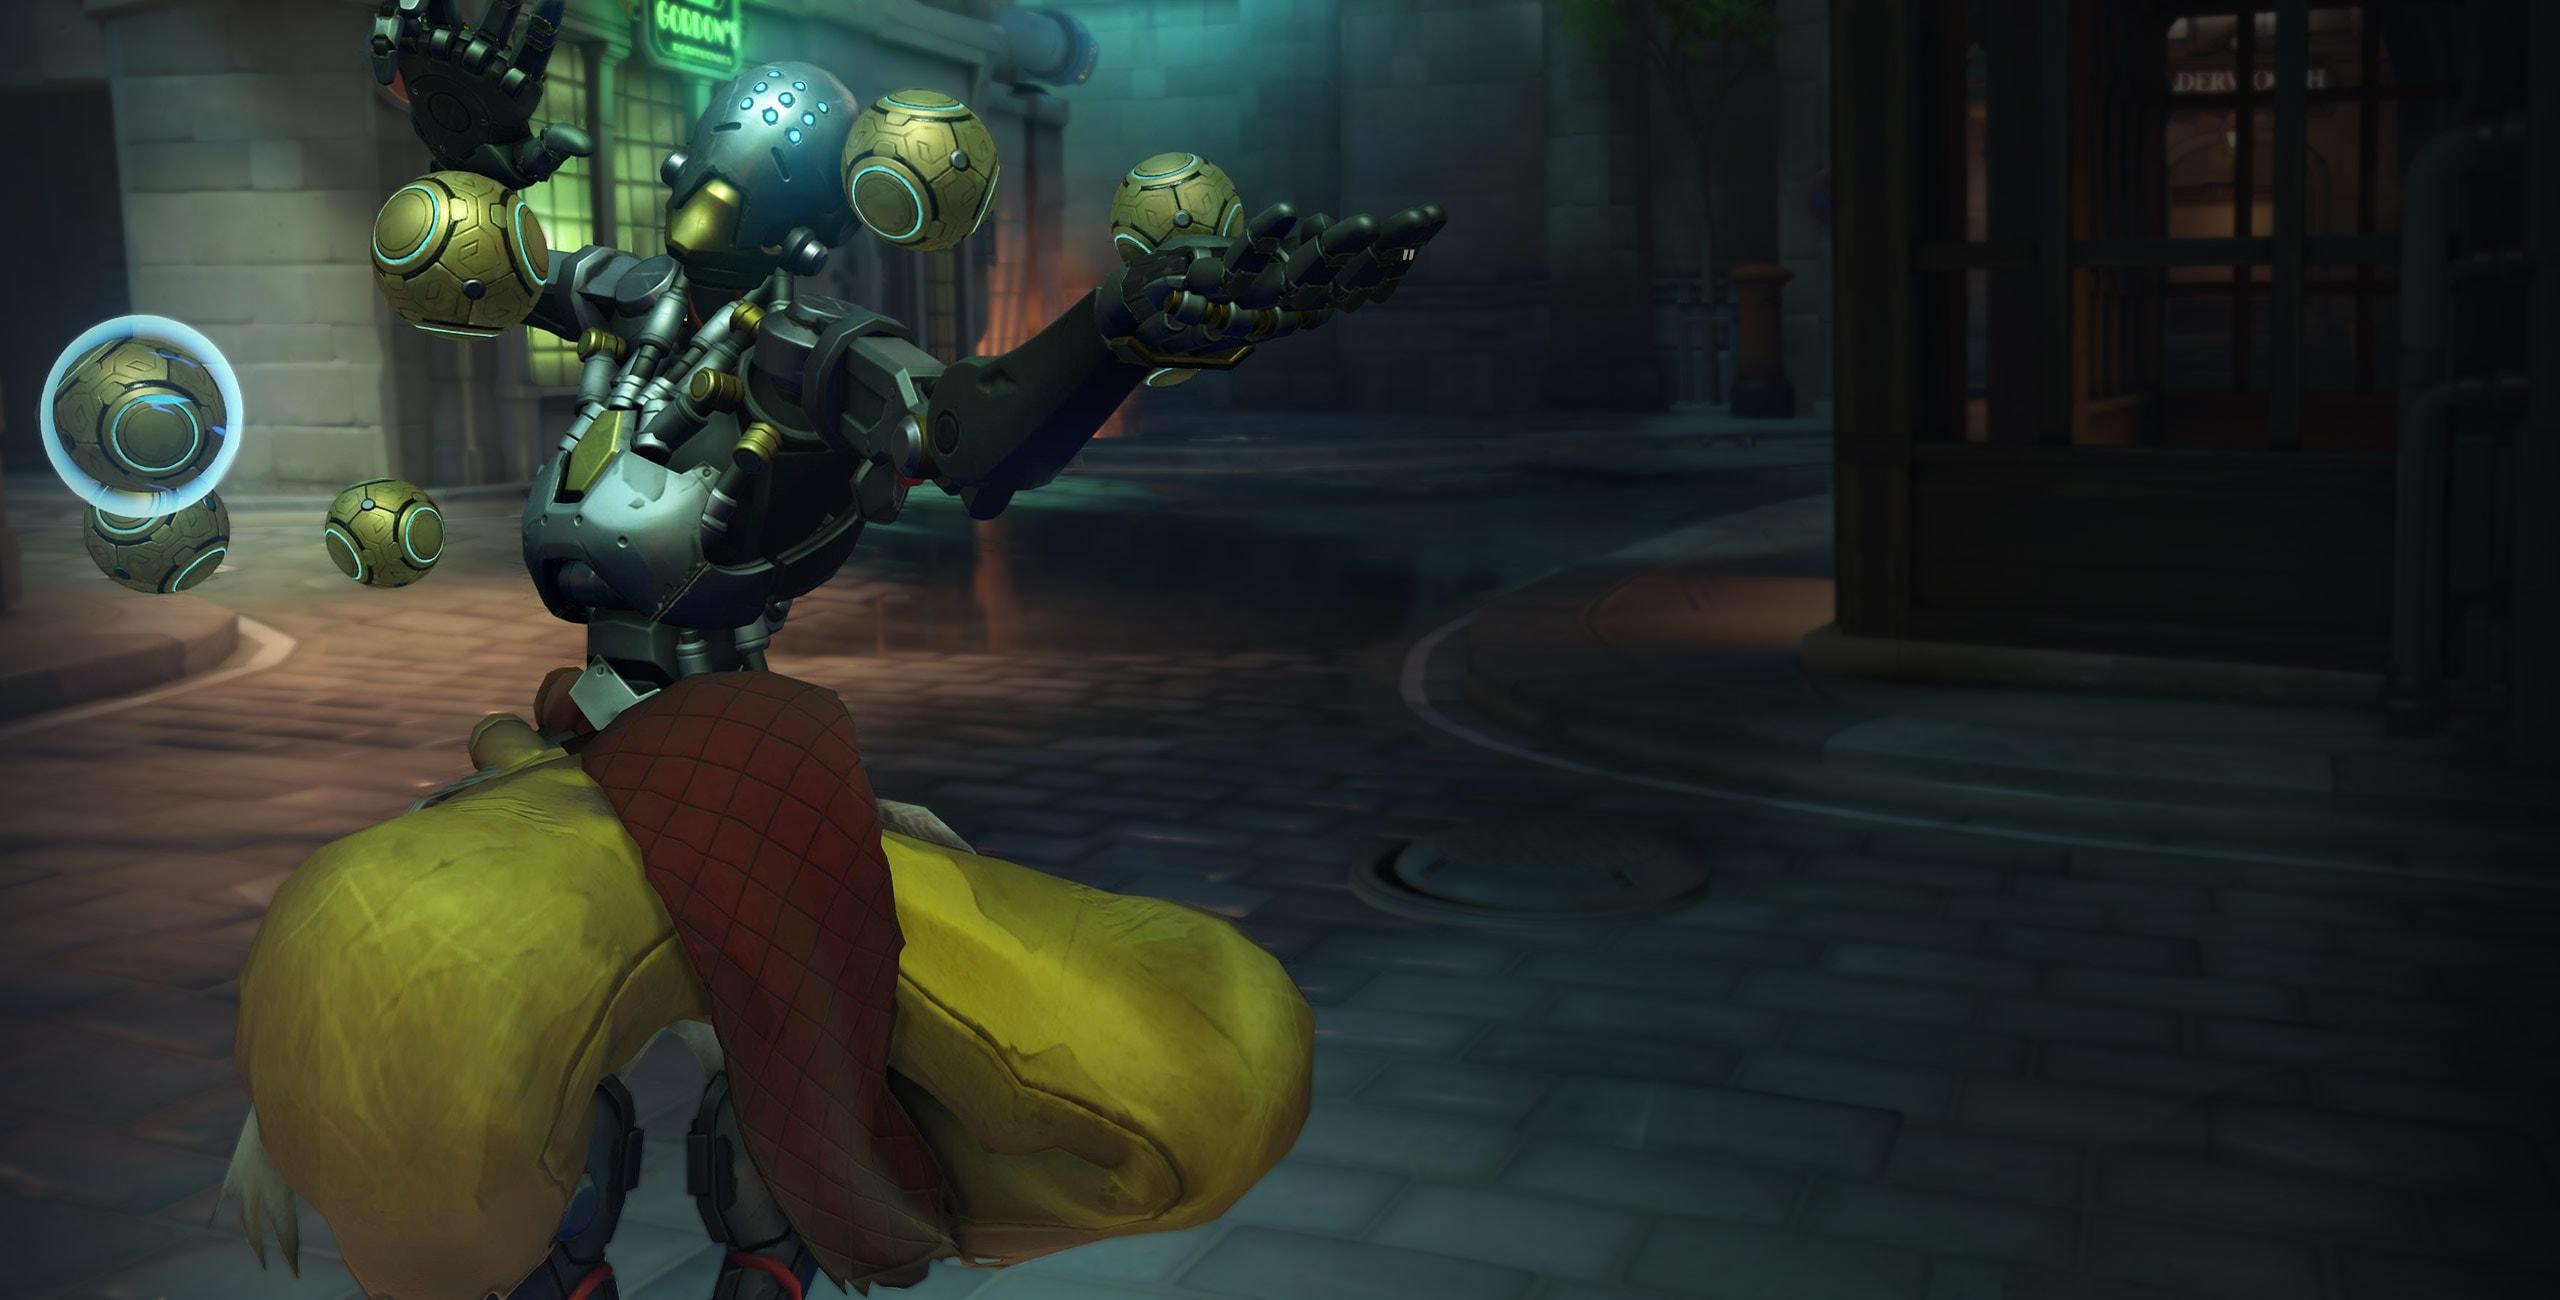 Overwatch : Zenyatta Download